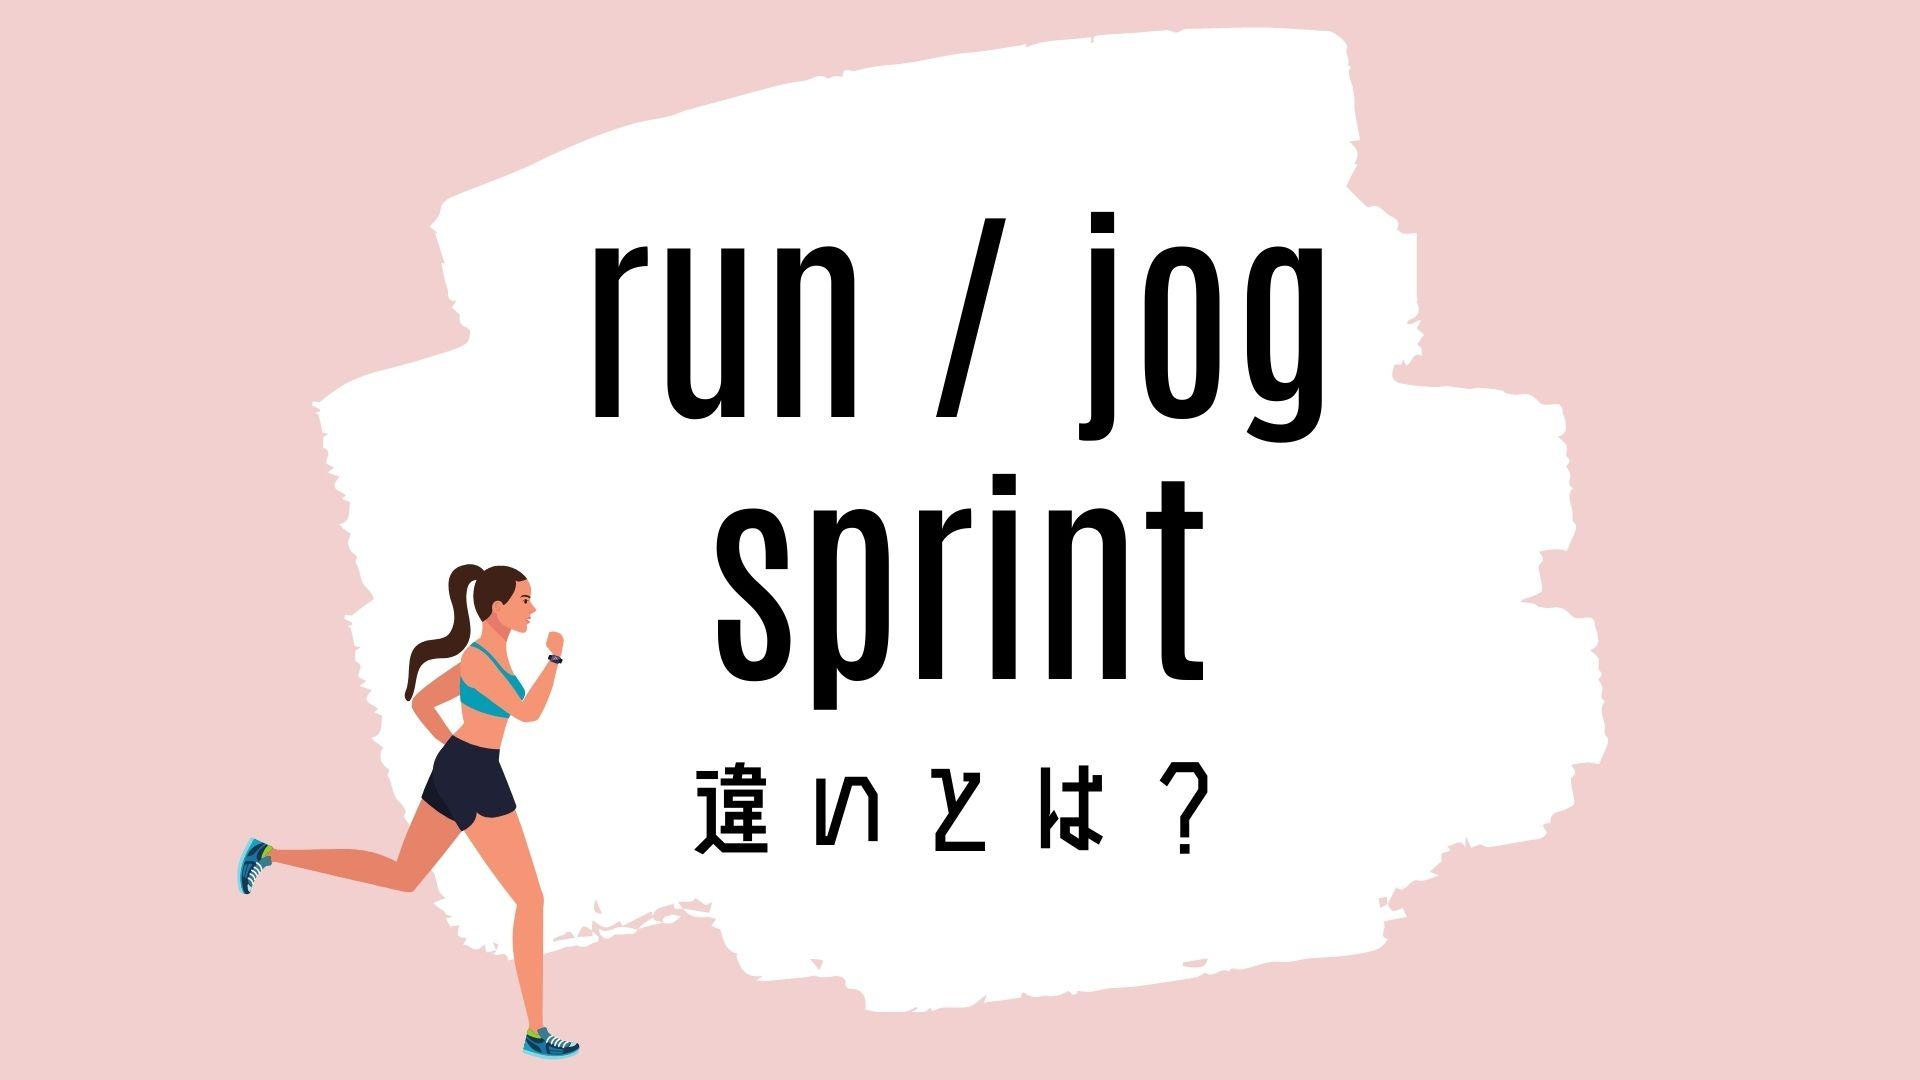 run / jog / sprintの意味の違いとは?使い方を解説